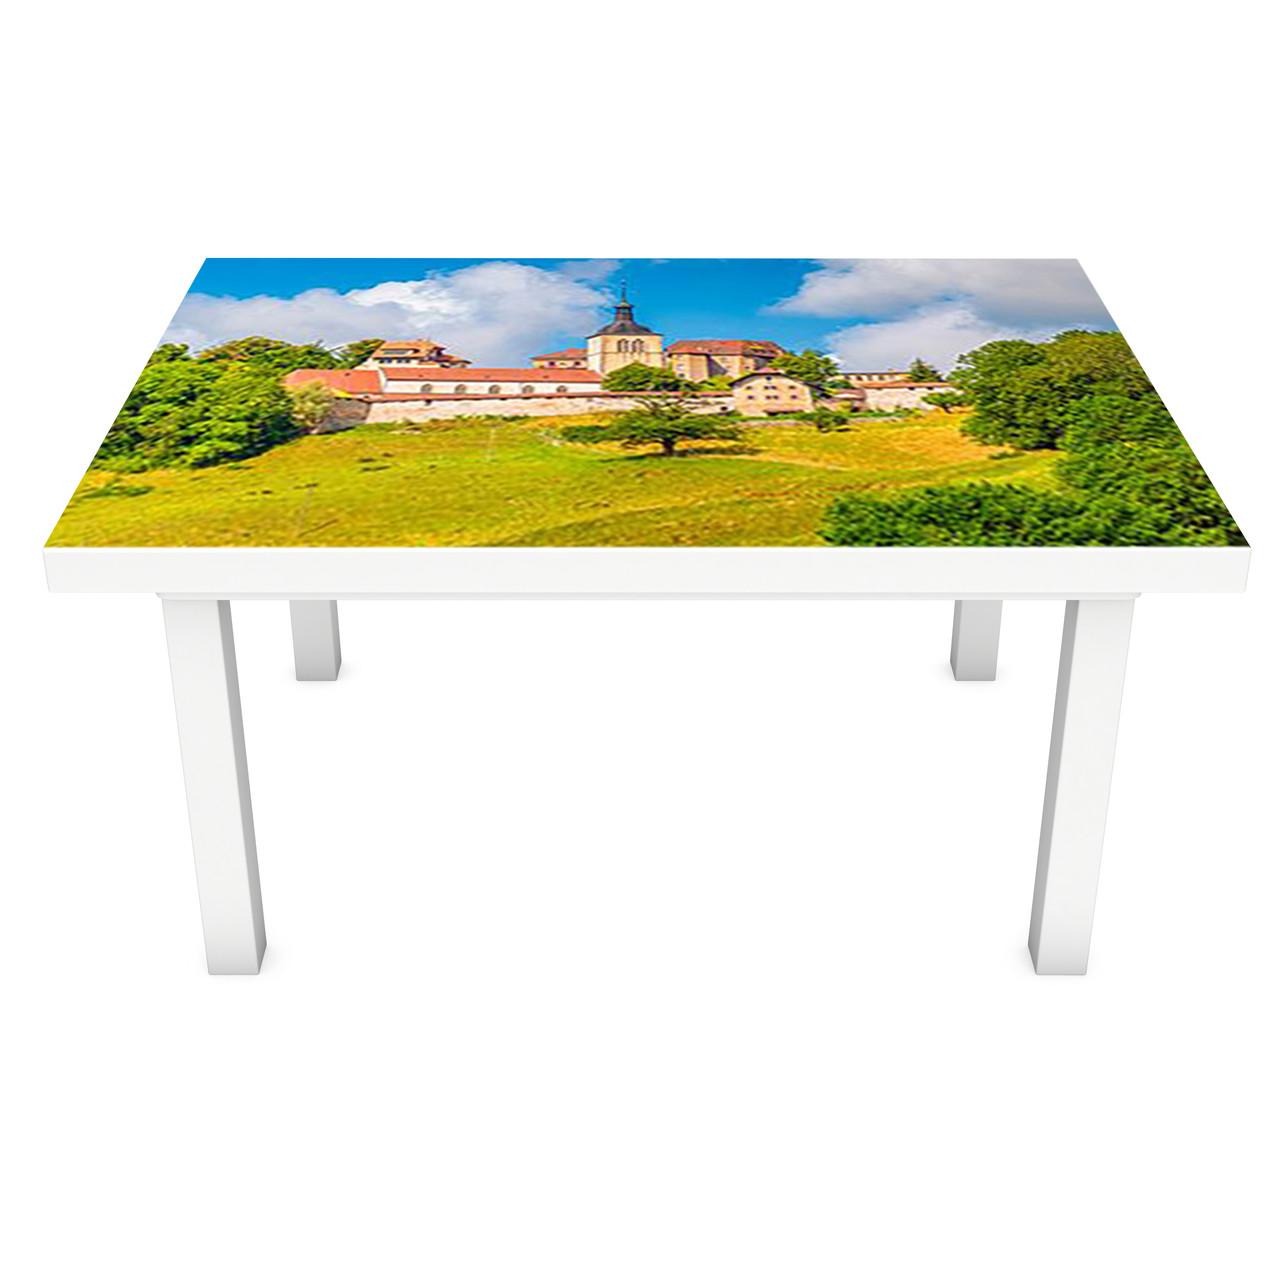 Наклейка на стол Город в лесу (3Д виниловая пленка ПВХ) Архитектура Зеленый 600*1200 мм